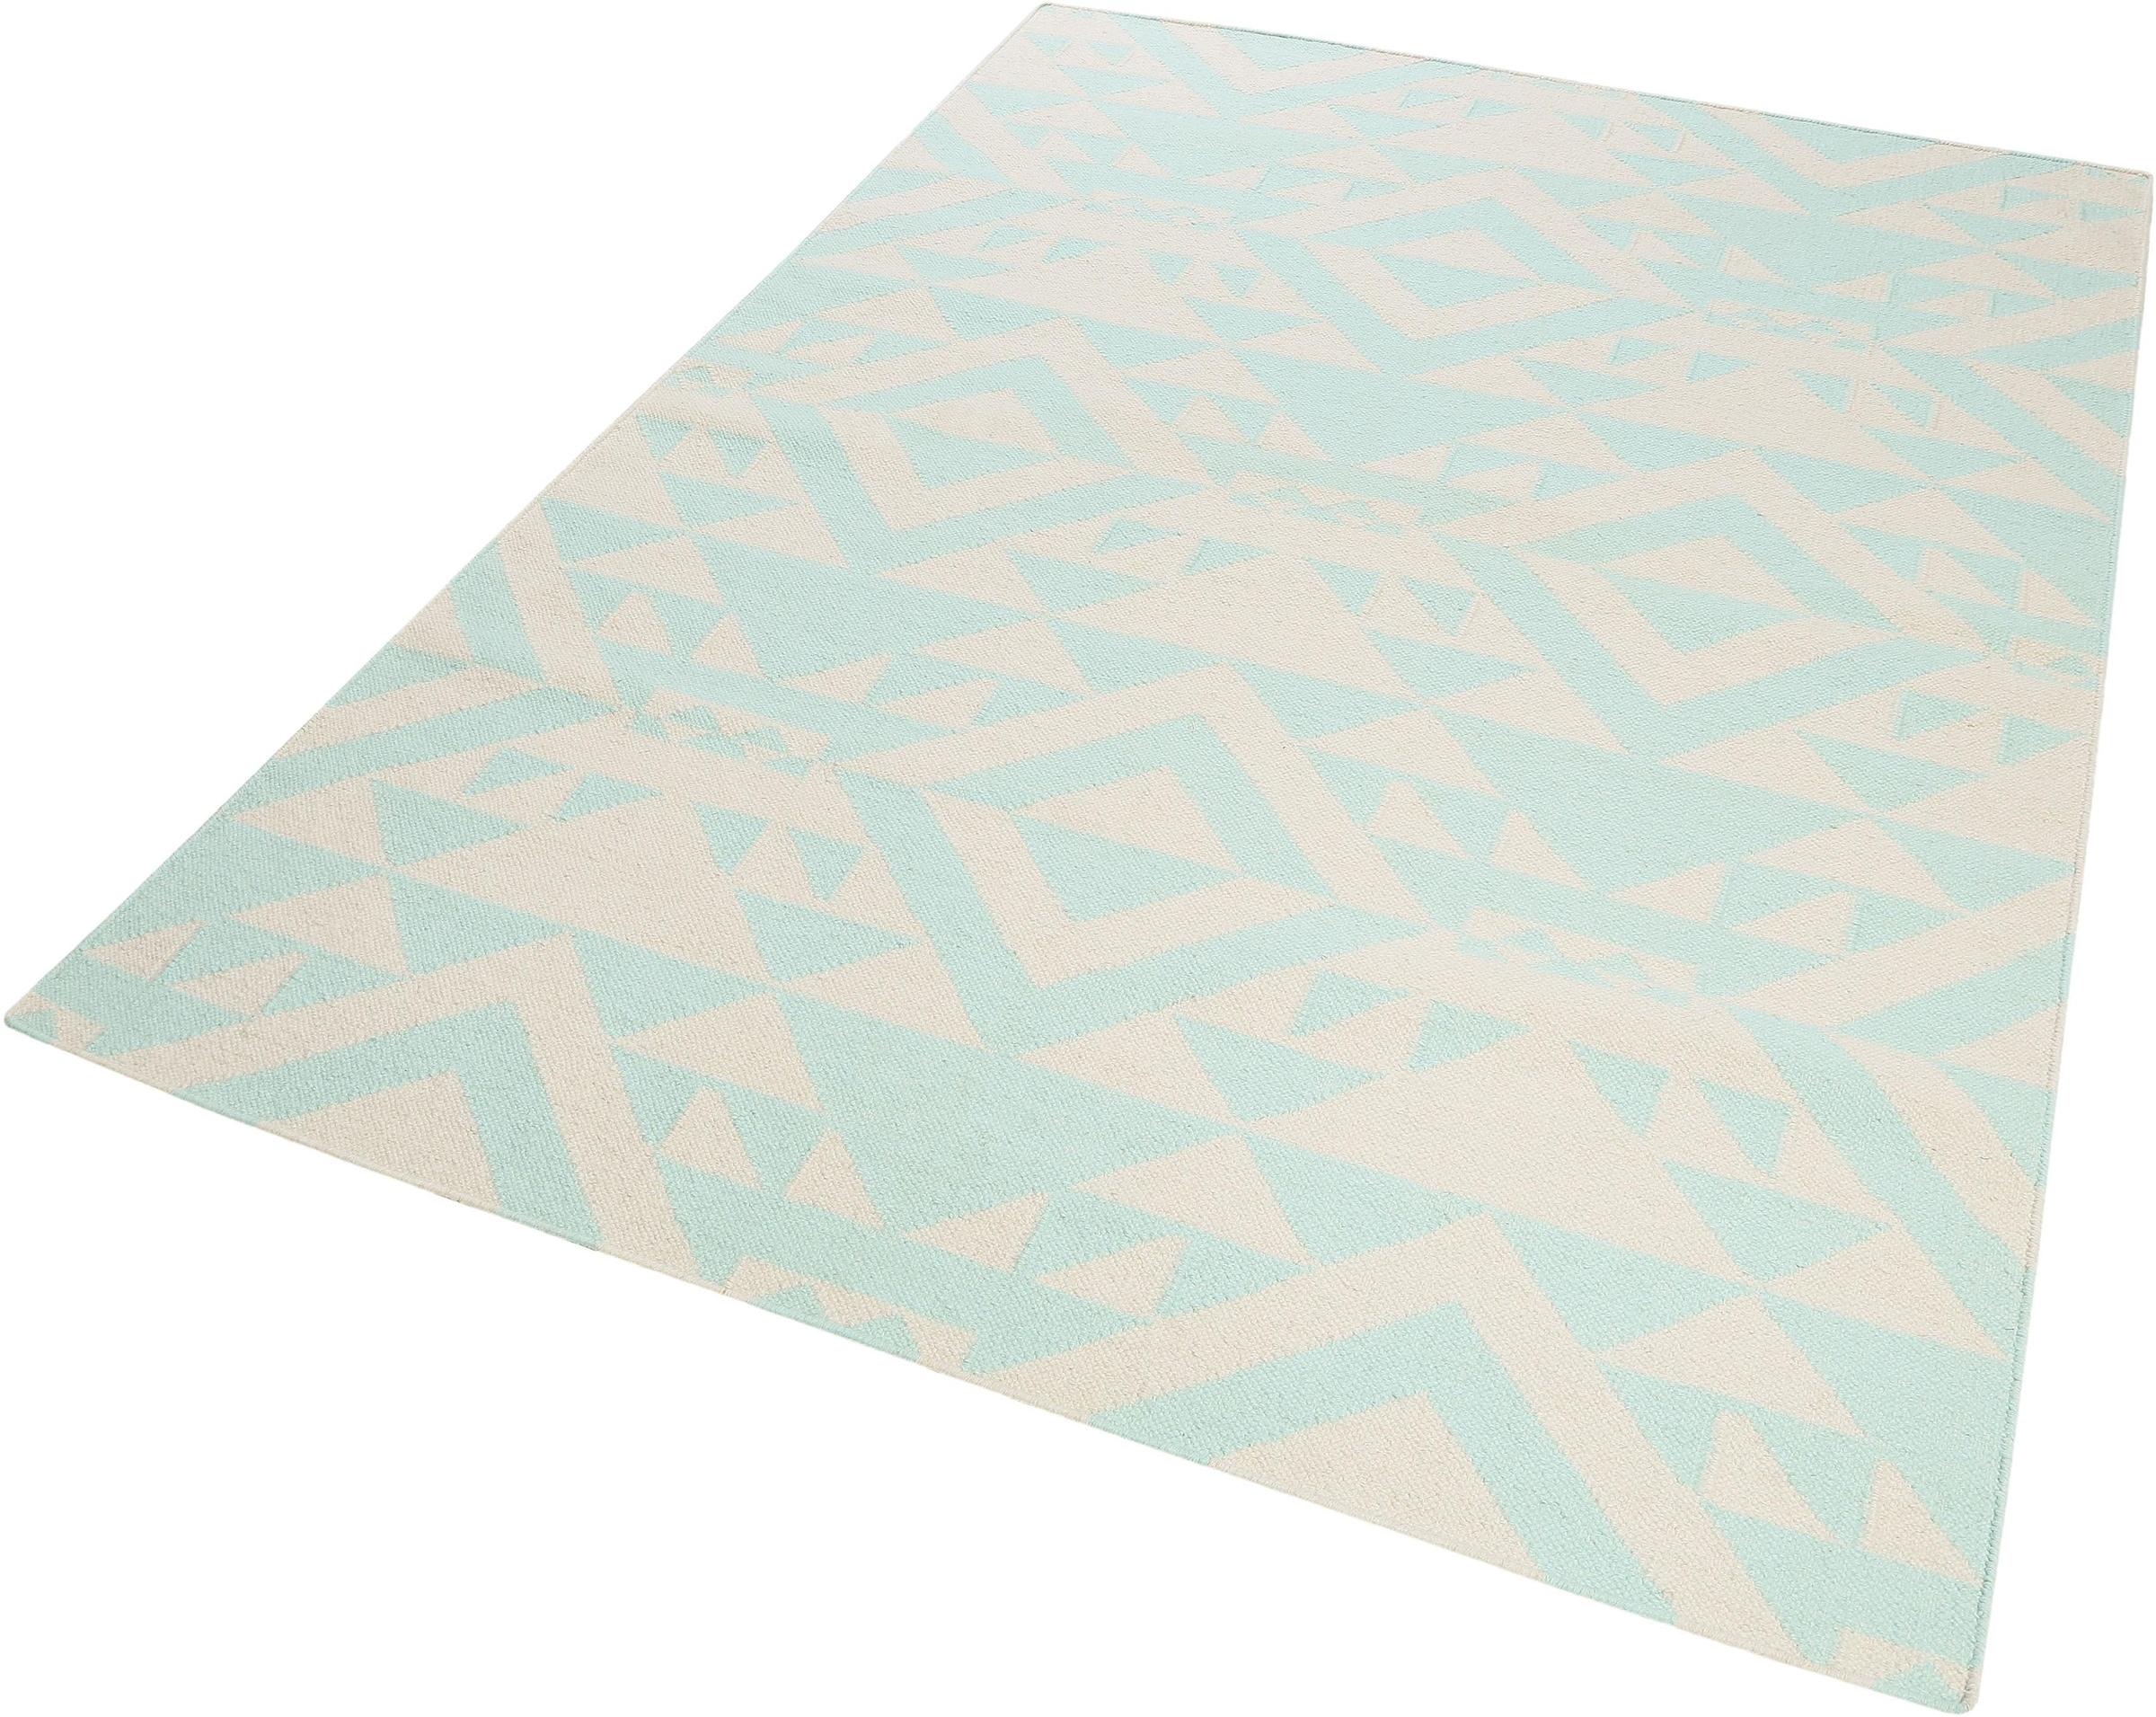 Image of Accessorize Home Wollteppich »Mellow«, rechteckig, 5 mm Höhe, reine Wolle, Wohnzimmer